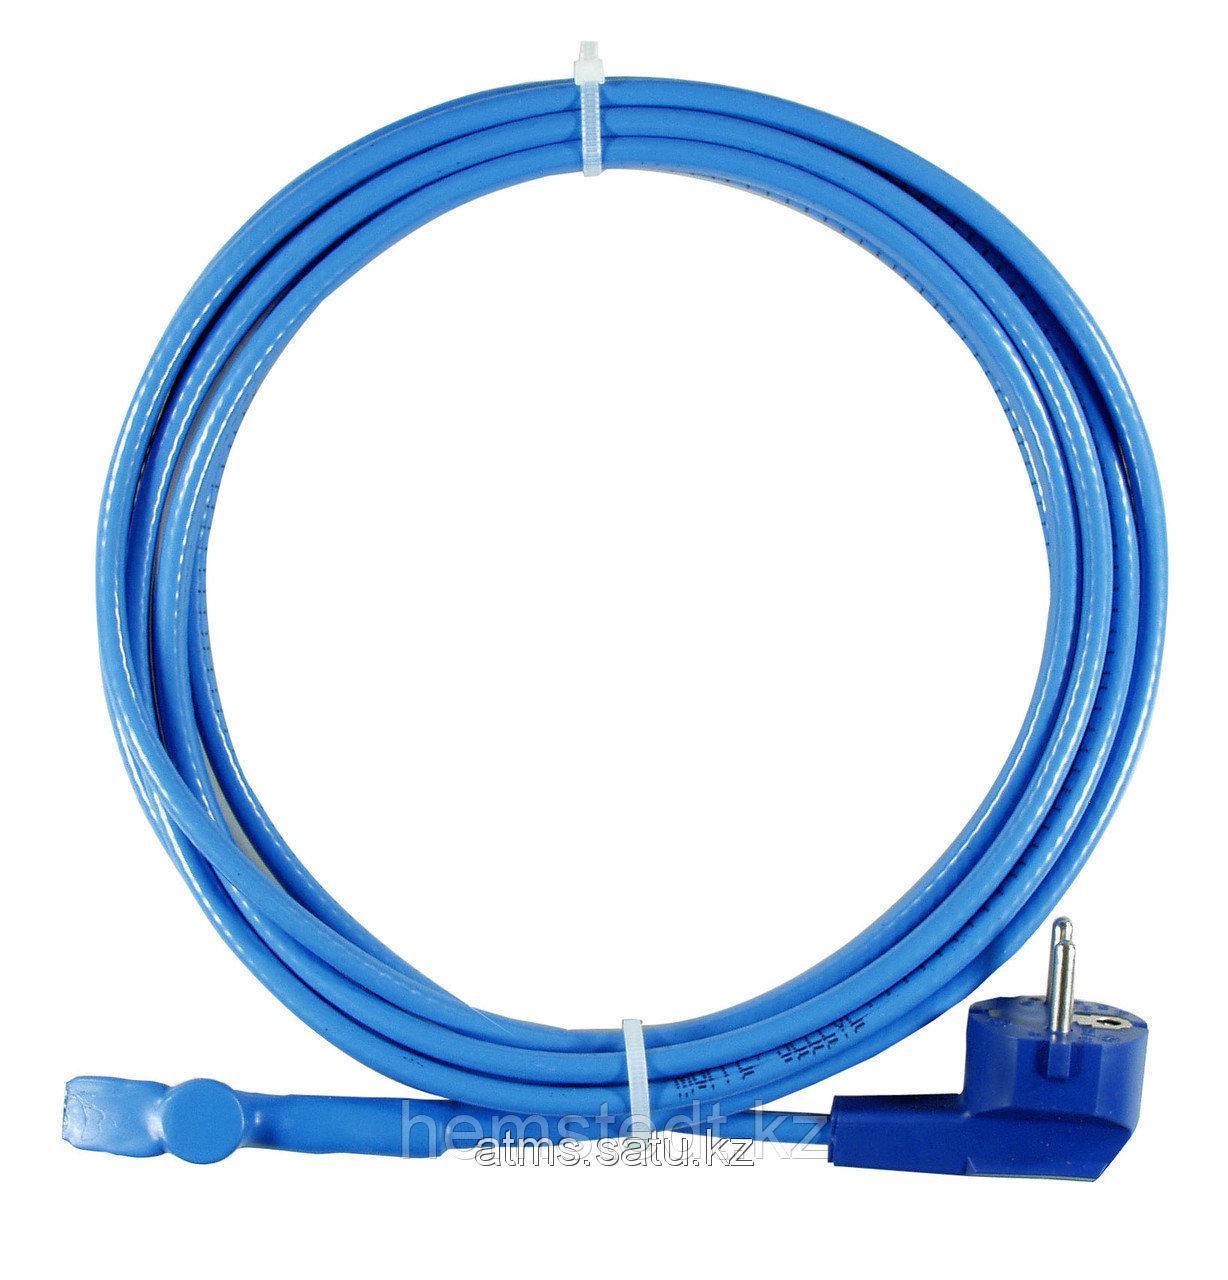 Кабель Hemstedt FS для защиты трубопроводов от замерзания с термоограничителем 6м